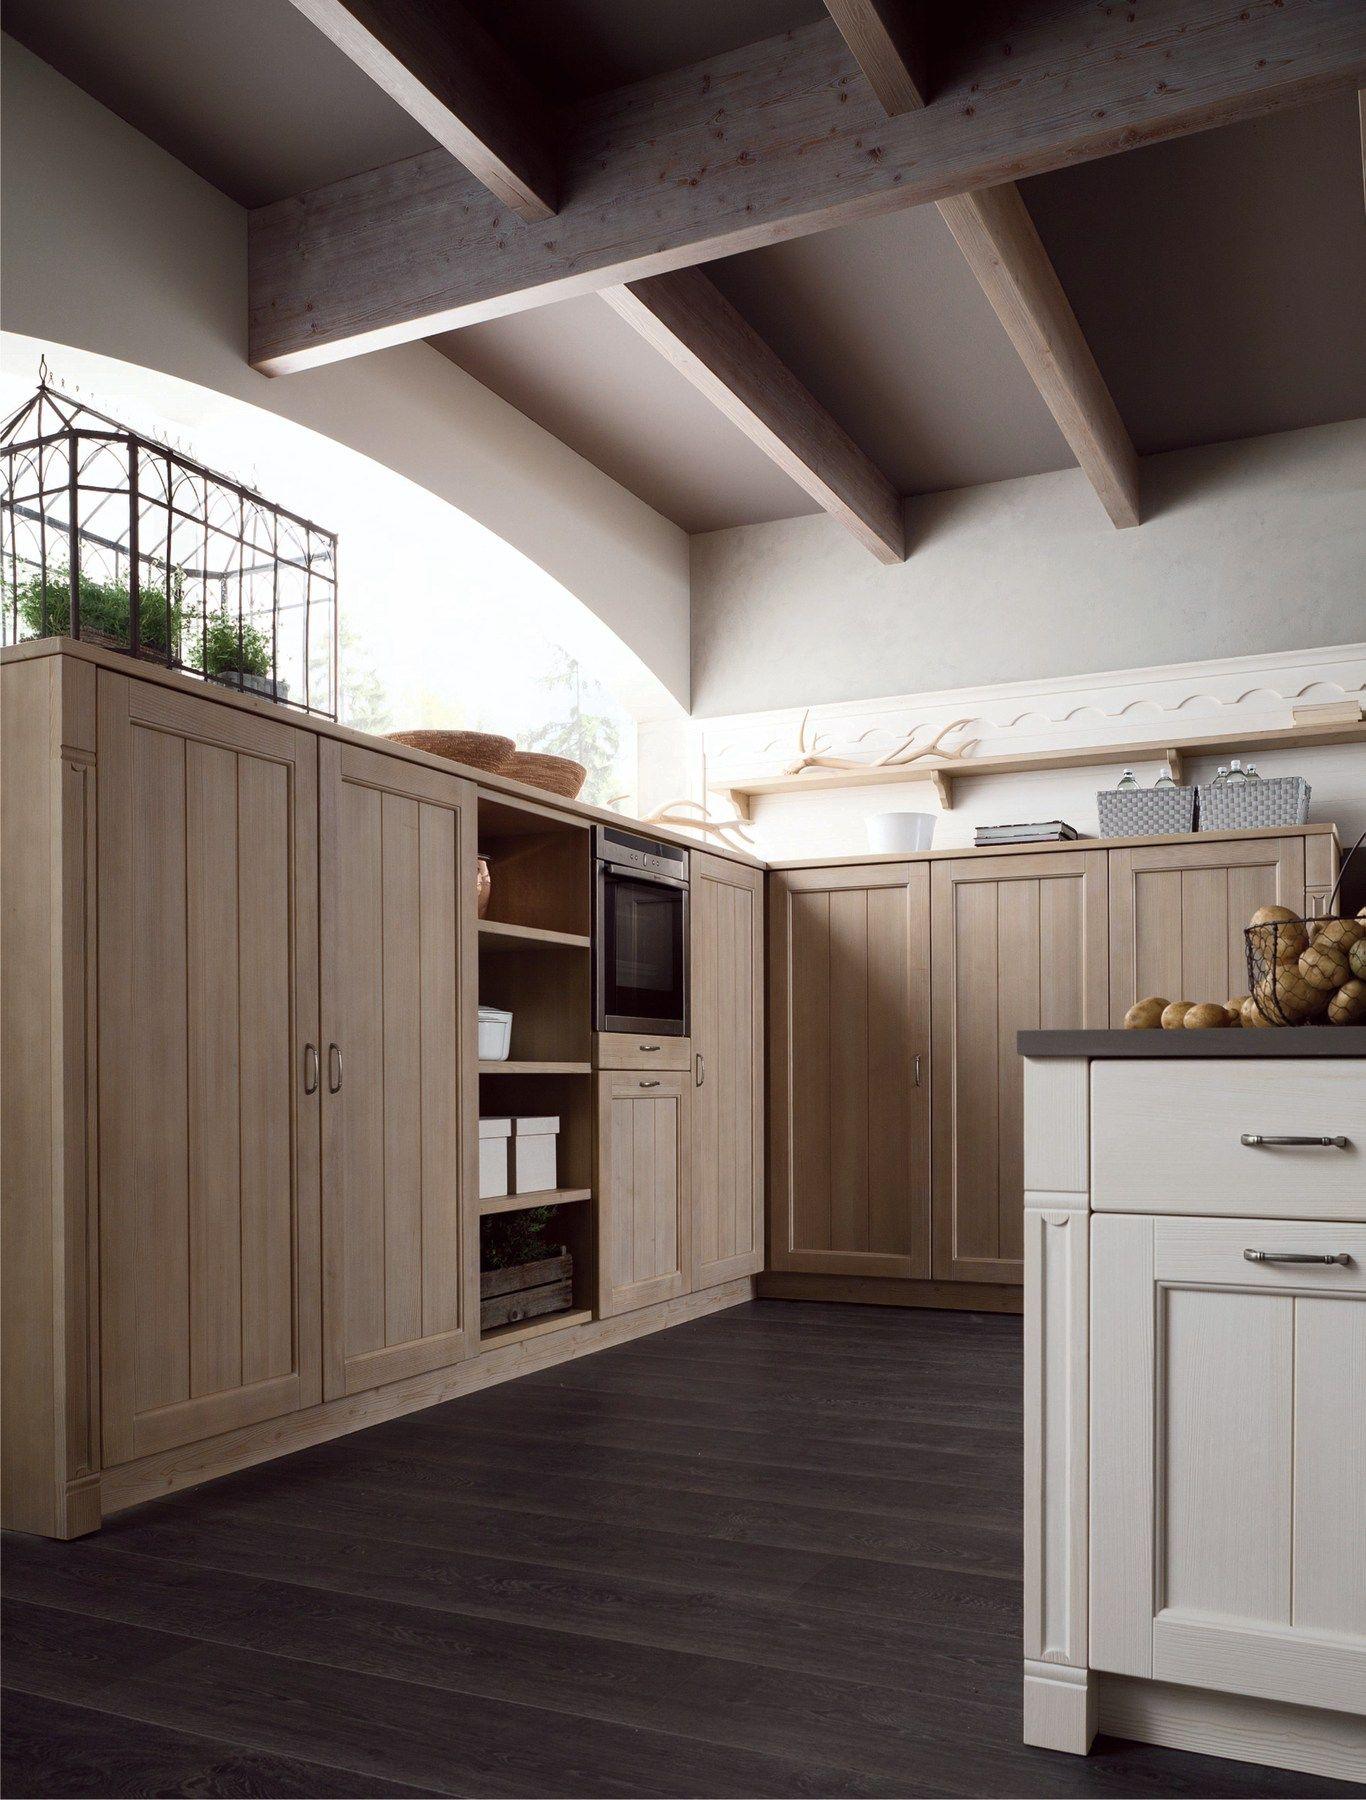 Cucina In Stile Rustico Con Penisola TABIÀ T01 By Scandola Mobili #4B5C36 1366 1800 Cucine Classiche Con Dispensa